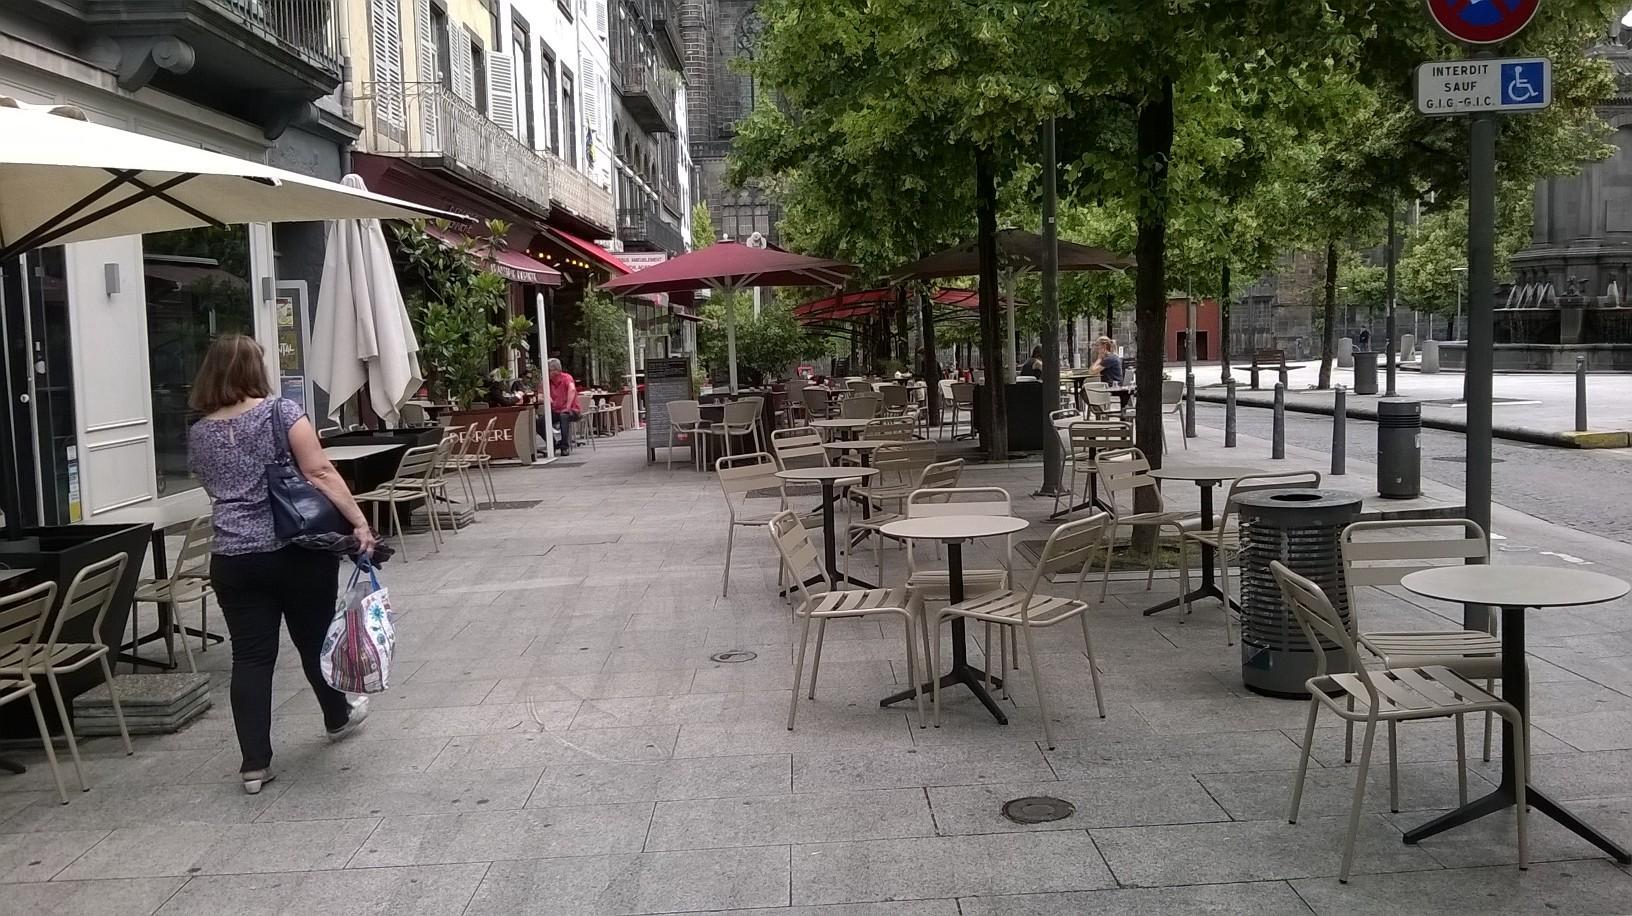 Clermont ferrand veut plus d 39 harmonie sur les terrasses du - Toiture terrasse jardin clermont ferrand ...